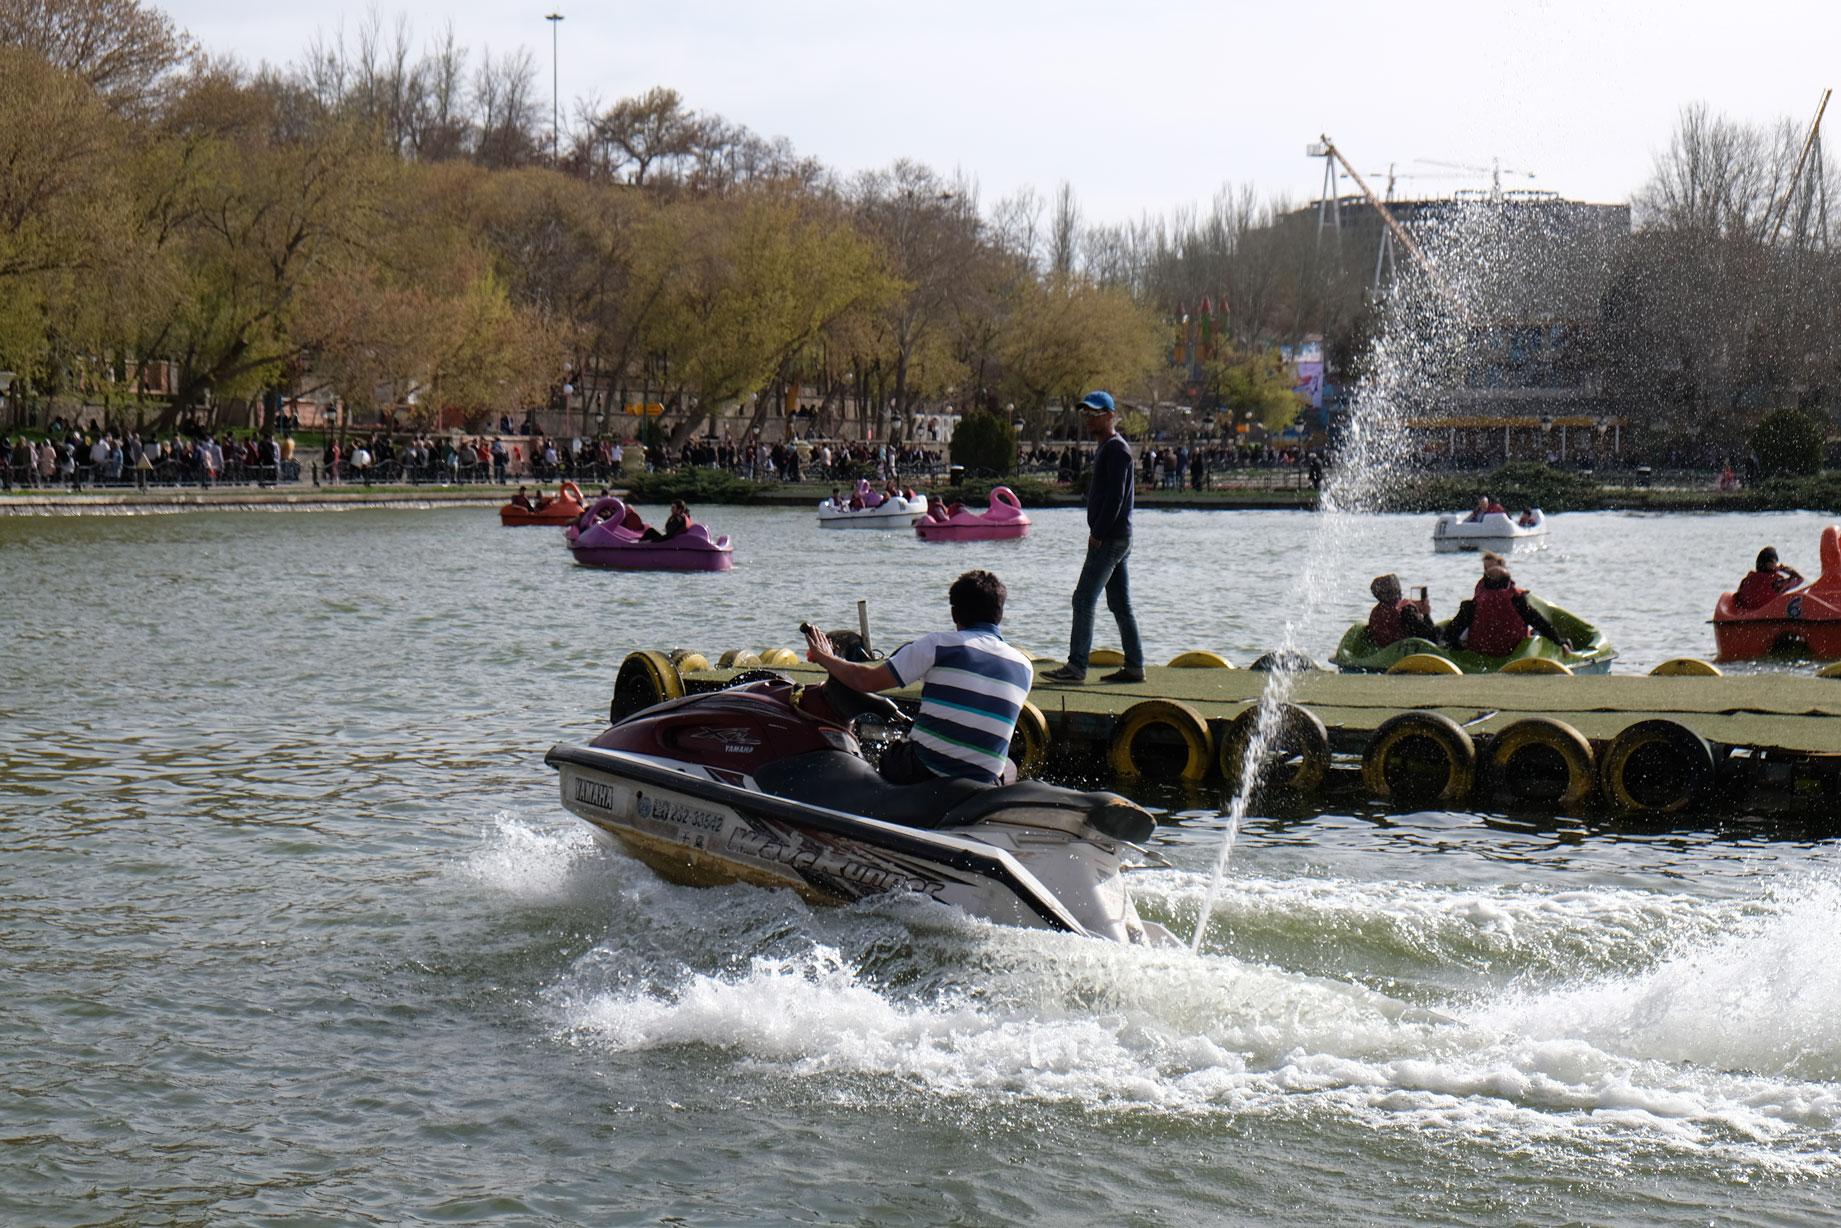 Im Elgoli-Park bekommen vier Jungs mächtig Ärger, weil sie sich beim Tretbootfahren selber nass gespritzt haben... Der Chef kommt sogleich für eine Standpauke mit seinem Jetski angebraust.